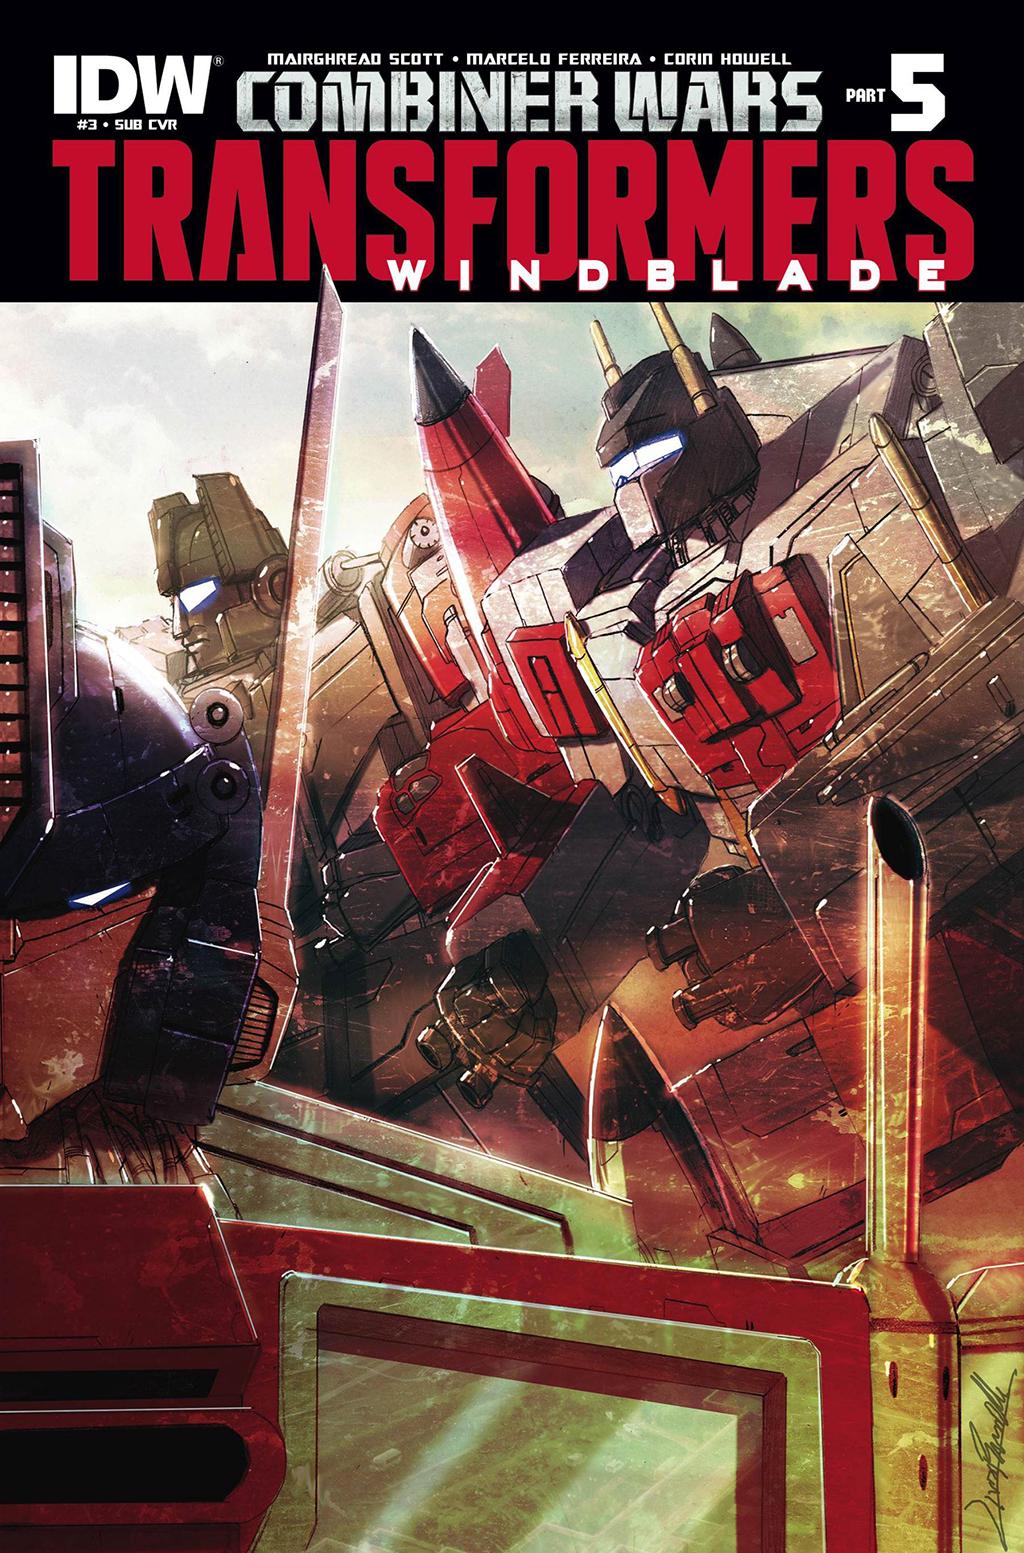 Комикс Трансформеры - Виндблейд - Войны Комбайнёров